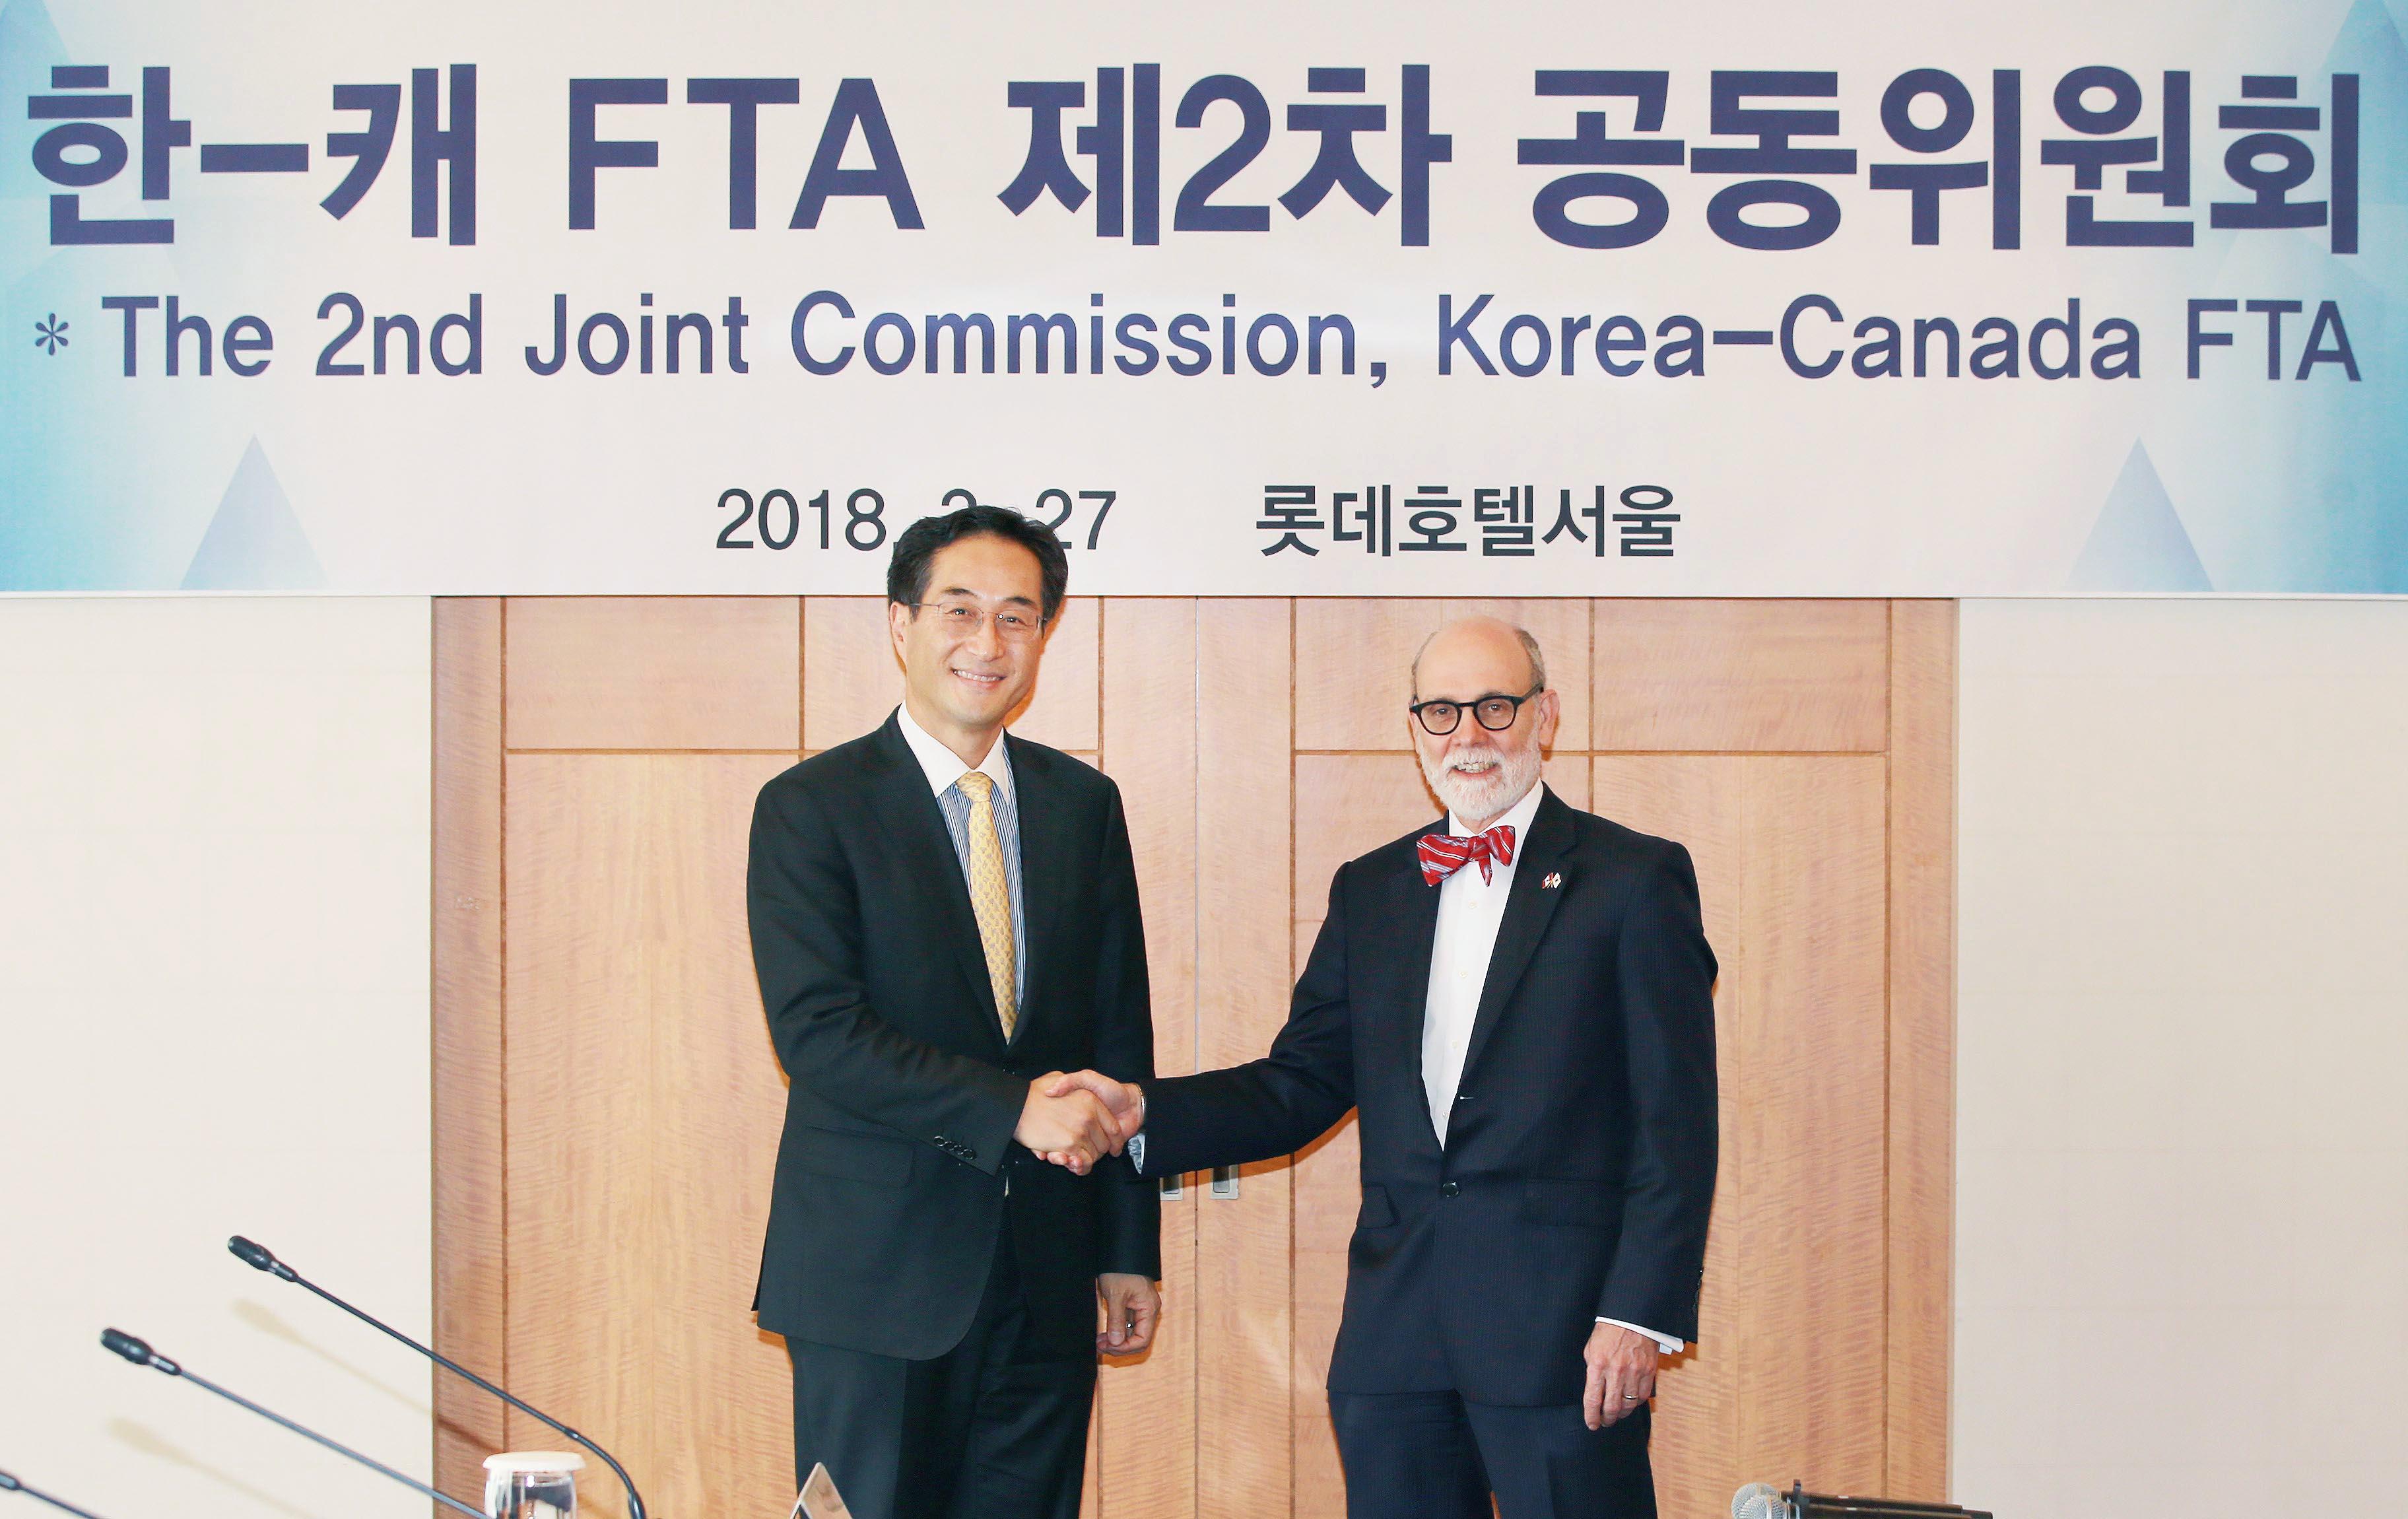 한-캐나다 자유무역협정(FTA) 제2차 공동위원회  이미지 0